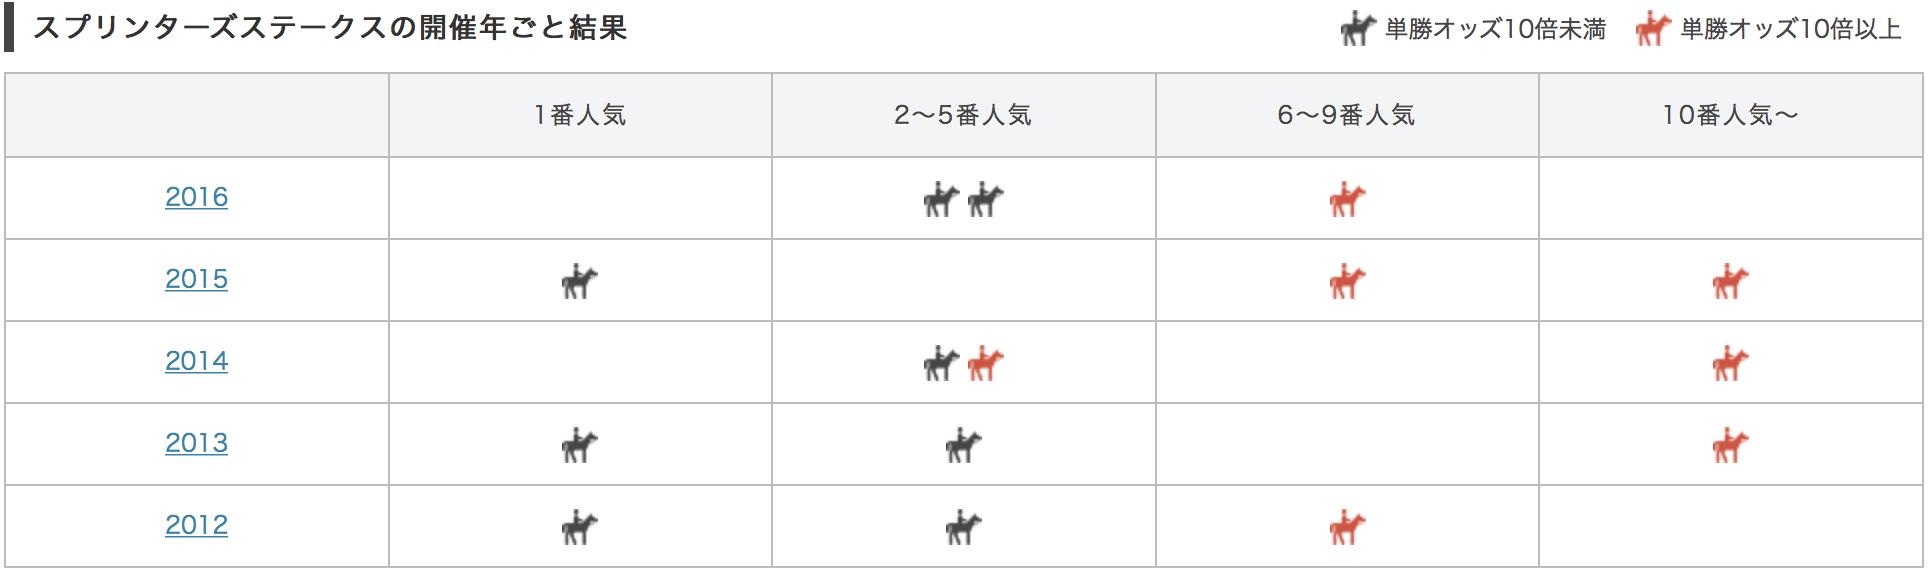 スプリンターズステークス2017単勝人気別データ